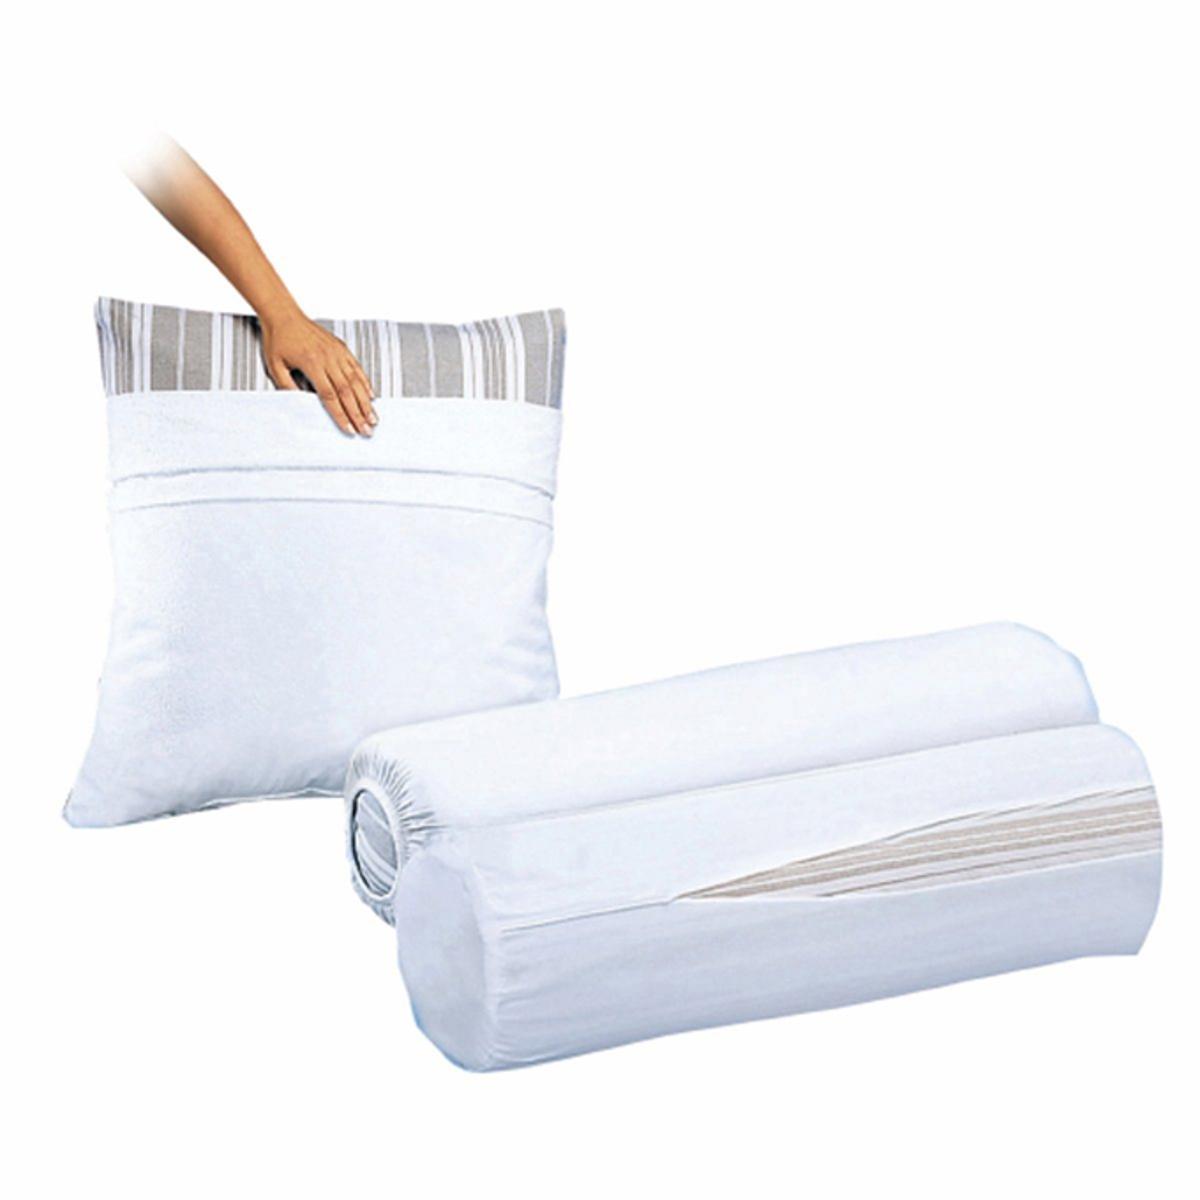 Комплект из 2 защитных чехлов на подушку из кретонаЗащитные чехлы на подушку из кретона, 100% хлопок : Идеальные для защиты, из кретона, 100% хлопок. Покрой с запахом. Машинная стирка при 95 °С. В комплекте 2 защитных чехла на подушку.<br><br>Цвет: белый<br>Размер: 2 x 60 x 60 cm.2 x 65 x 65 cm